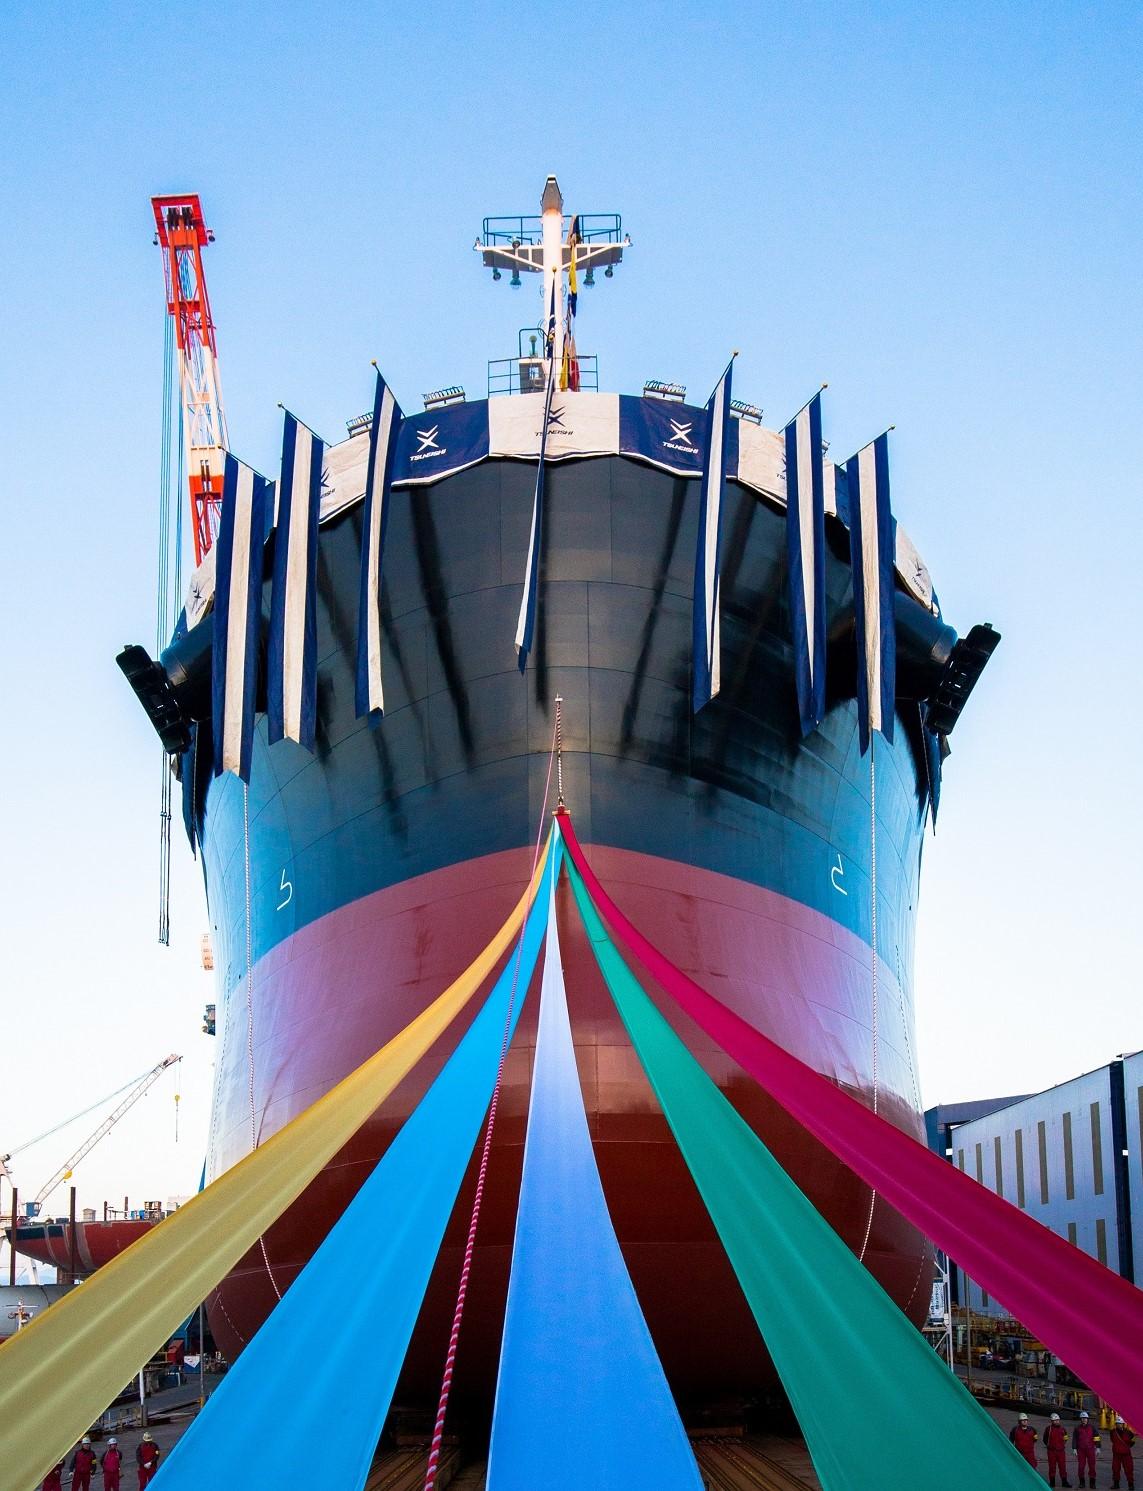 2017年4月5日、6万トン級バルカーの進水式をライブ中継〜常石造船 広島県福山市 常石工場 第一船台